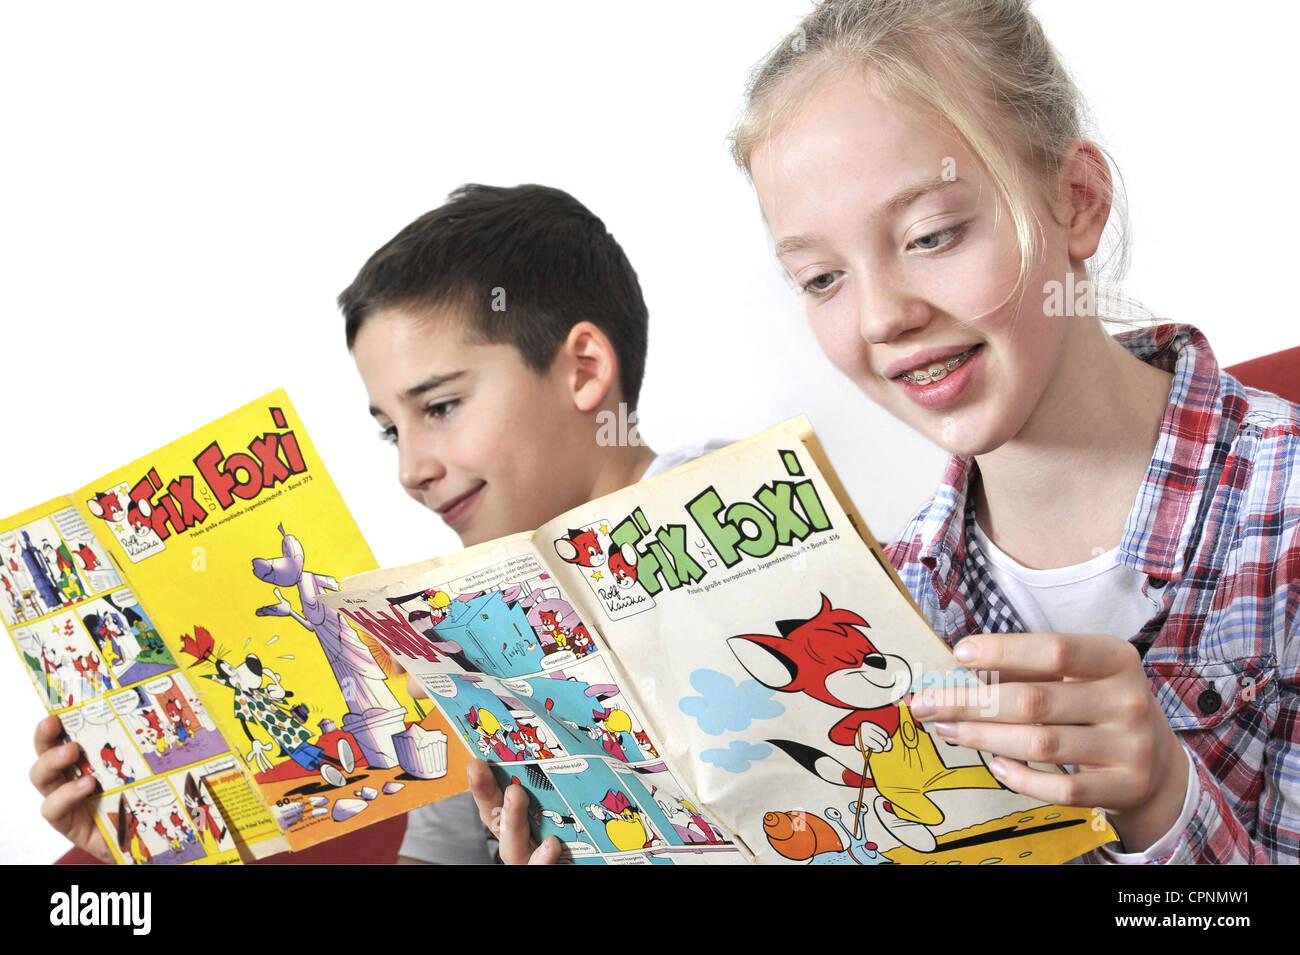 menschen kinder fix und foxi magazine lesen von rolf kauka zeitschriften aus dem deutschland. Black Bedroom Furniture Sets. Home Design Ideas